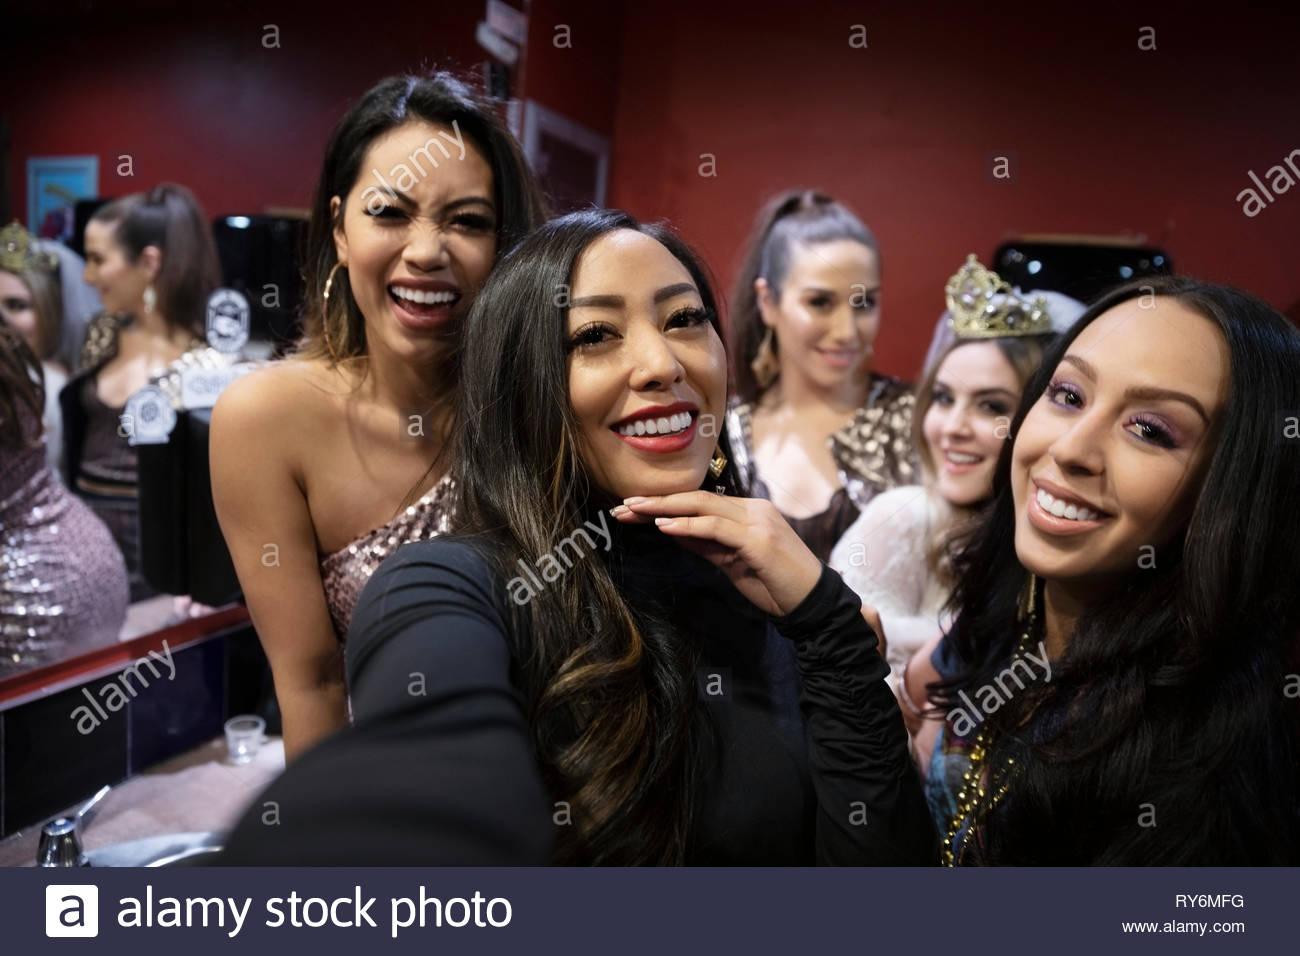 Selfie punto di vista le donne amici in discoteca bagno Immagini Stock